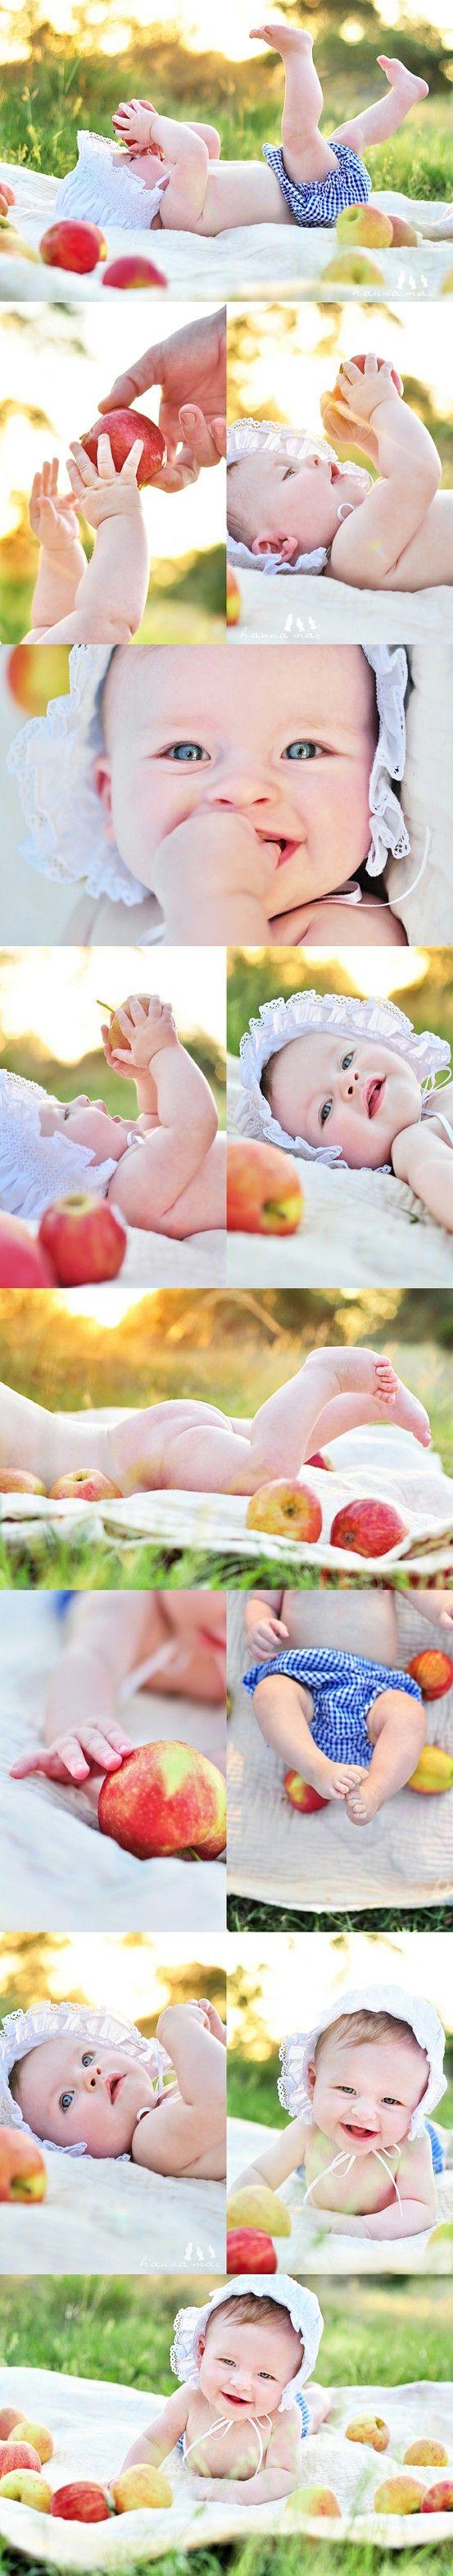 15 ideias de fotos de bebê e crianças com comida (saudável)